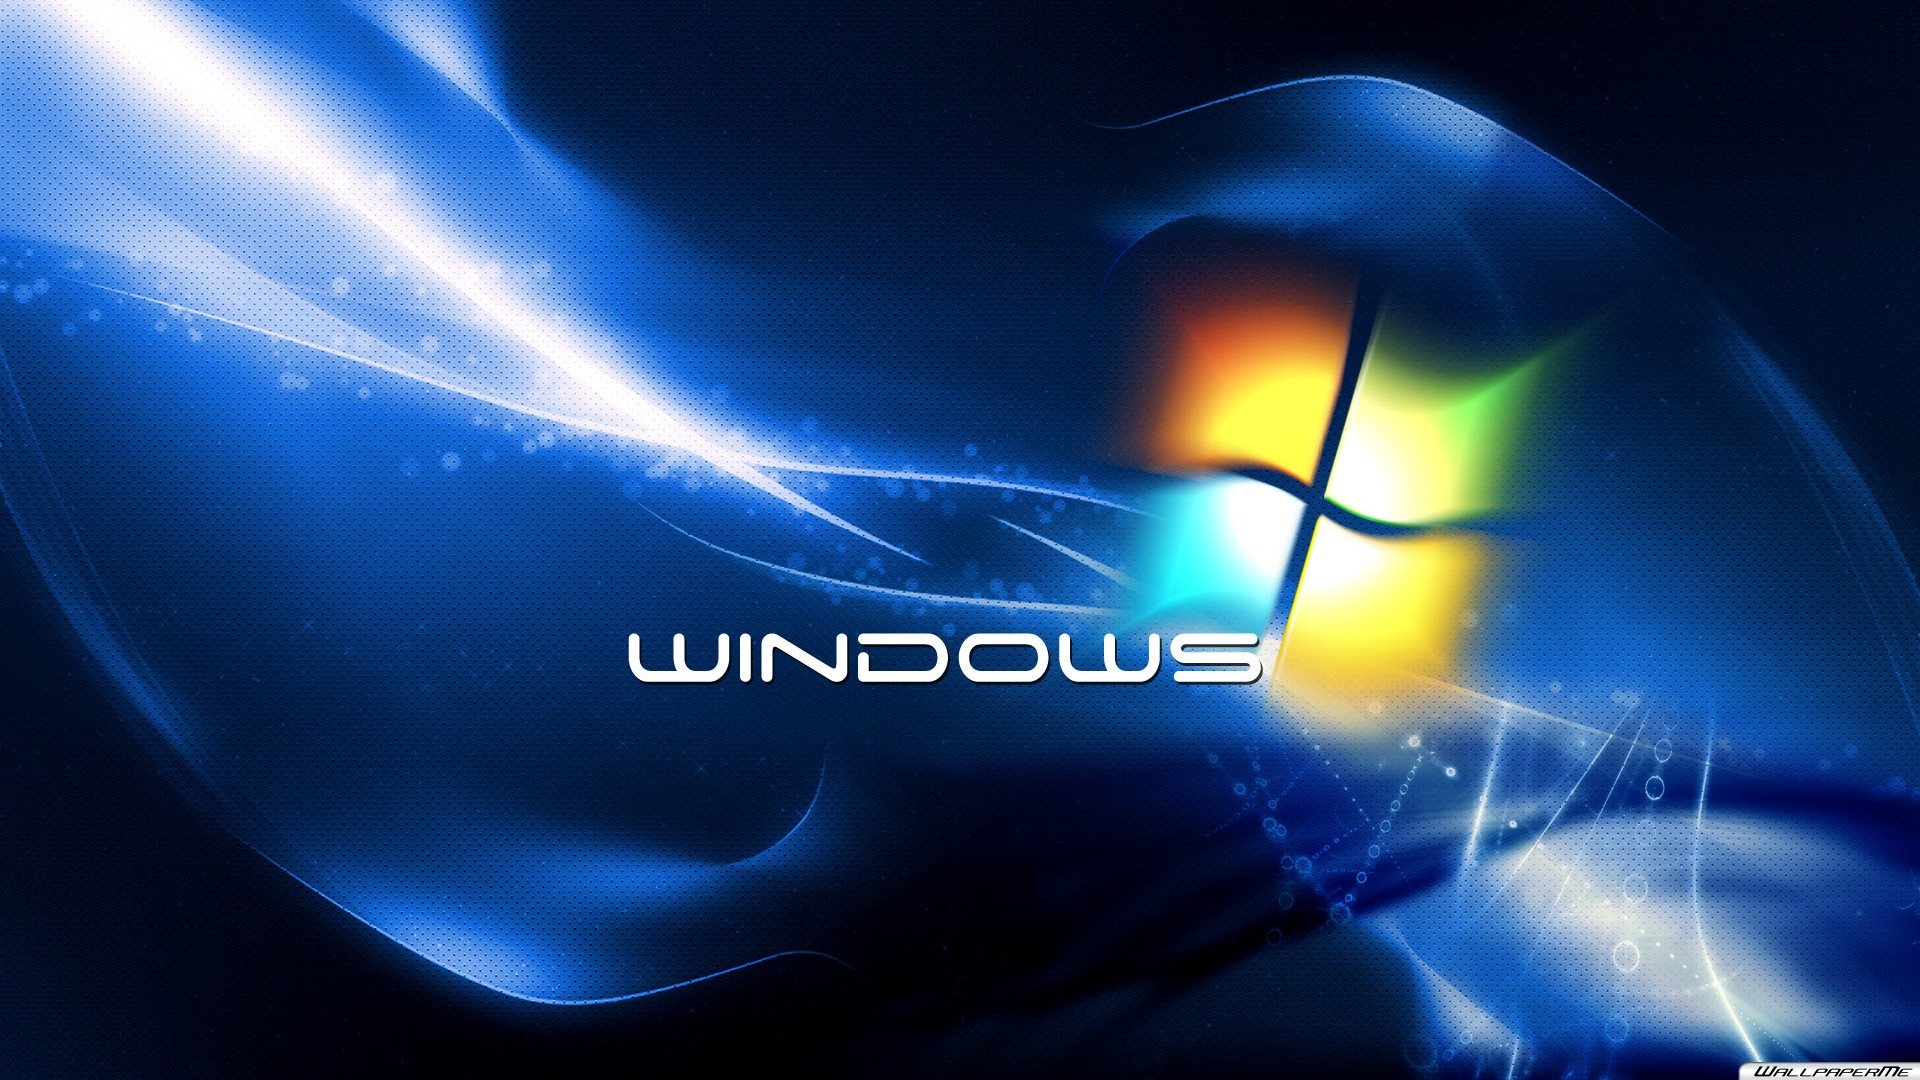 Windows 8 Desktop Hintergrund Schwarz